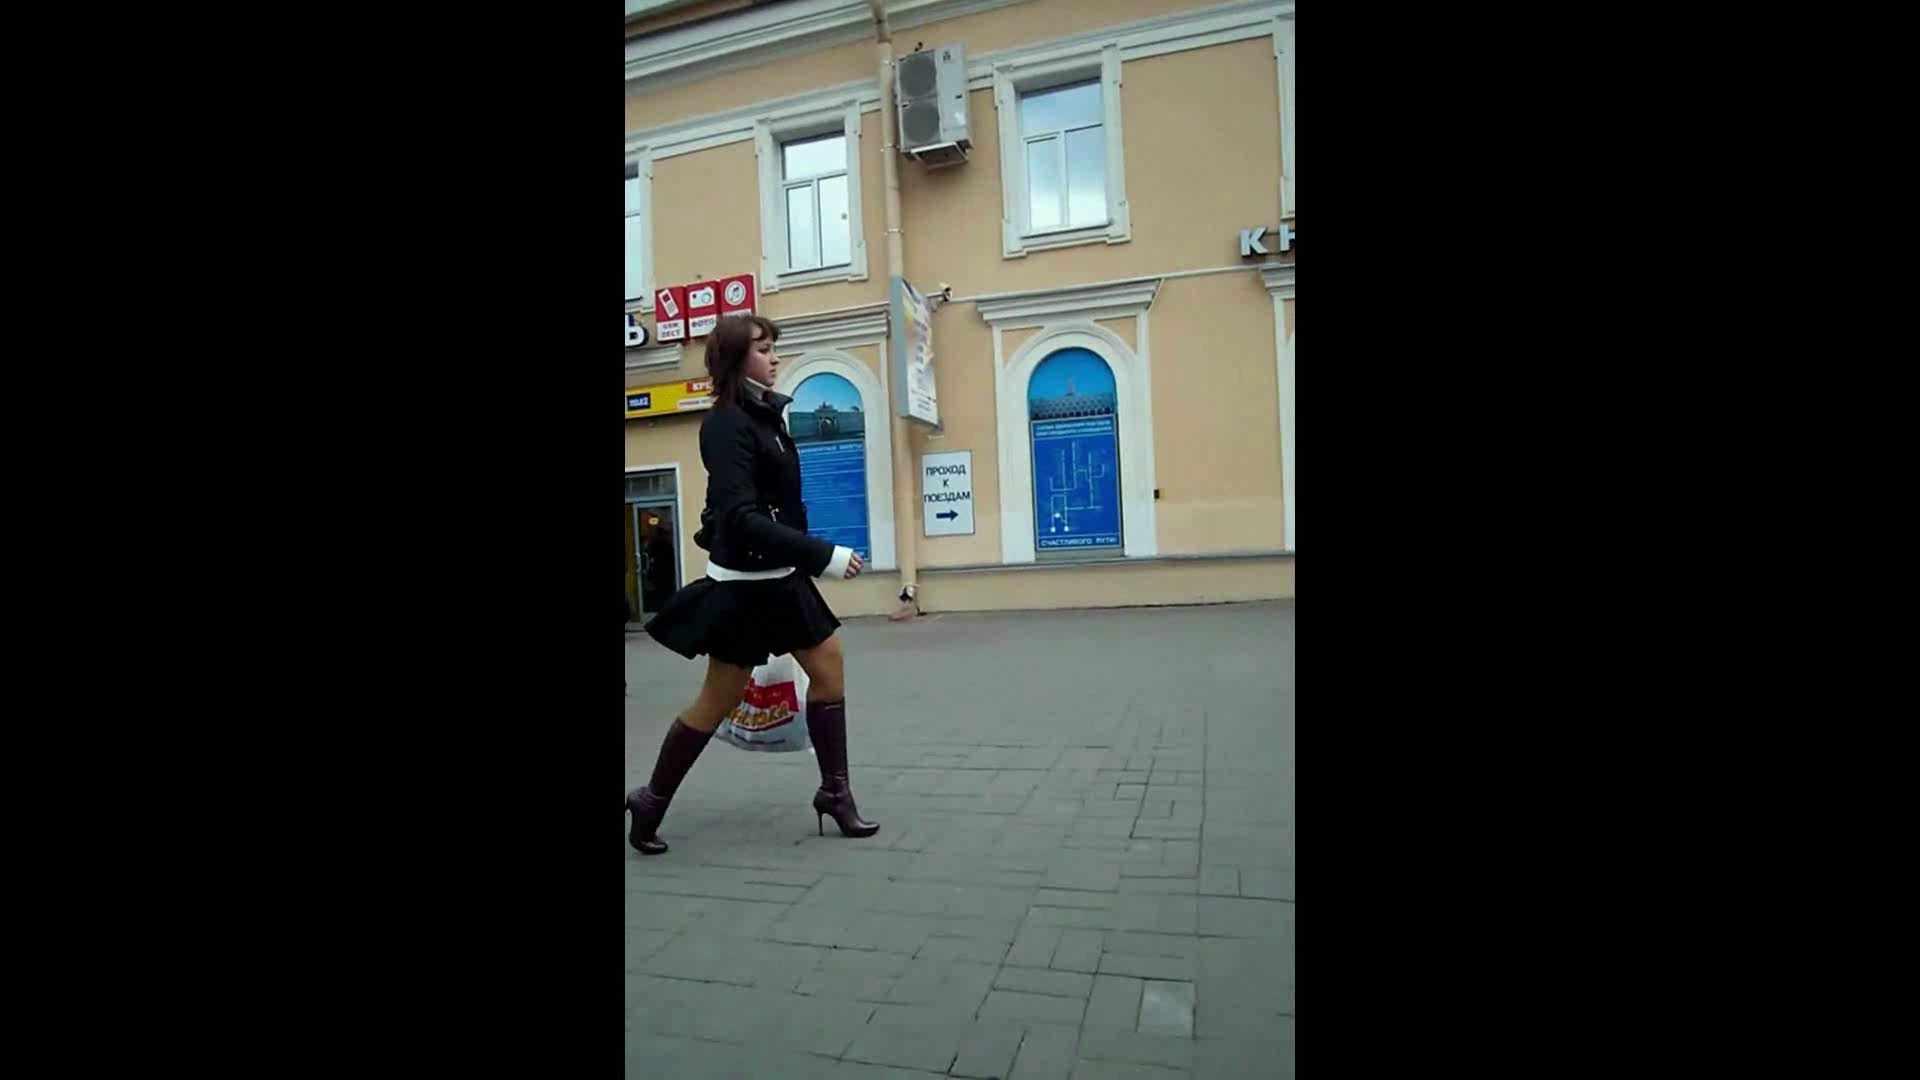 綺麗なモデルさんのスカート捲っちゃおう‼vol03 お姉さんのエロ生活 | モデルのエロ生活  98連発 4